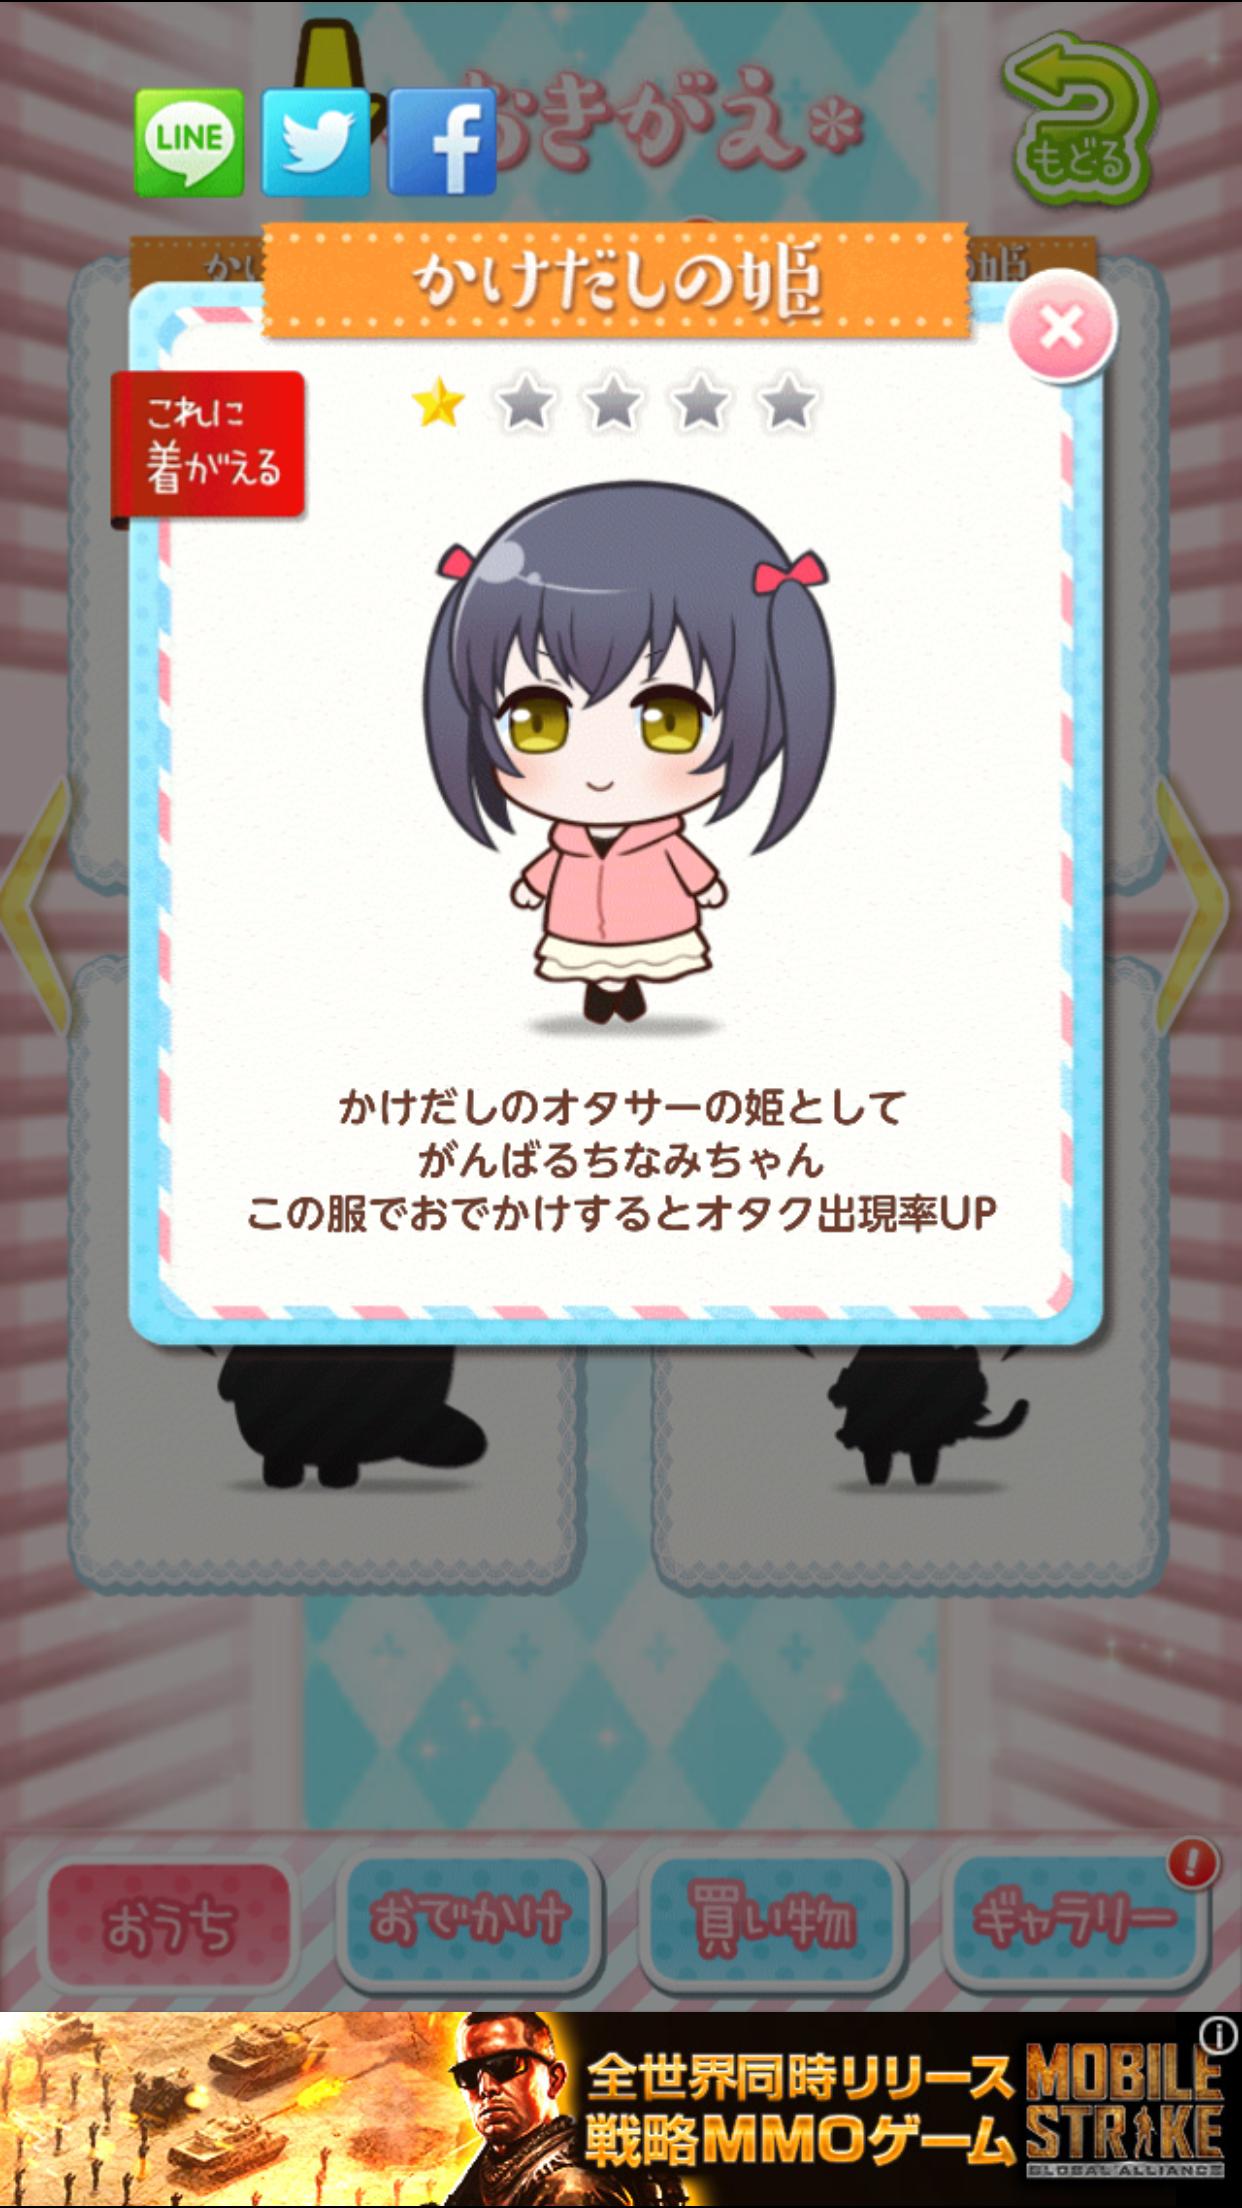 健康的なオタサーの姫~放置しないで♡青春恋愛育成ゲーム~ androidアプリスクリーンショット1